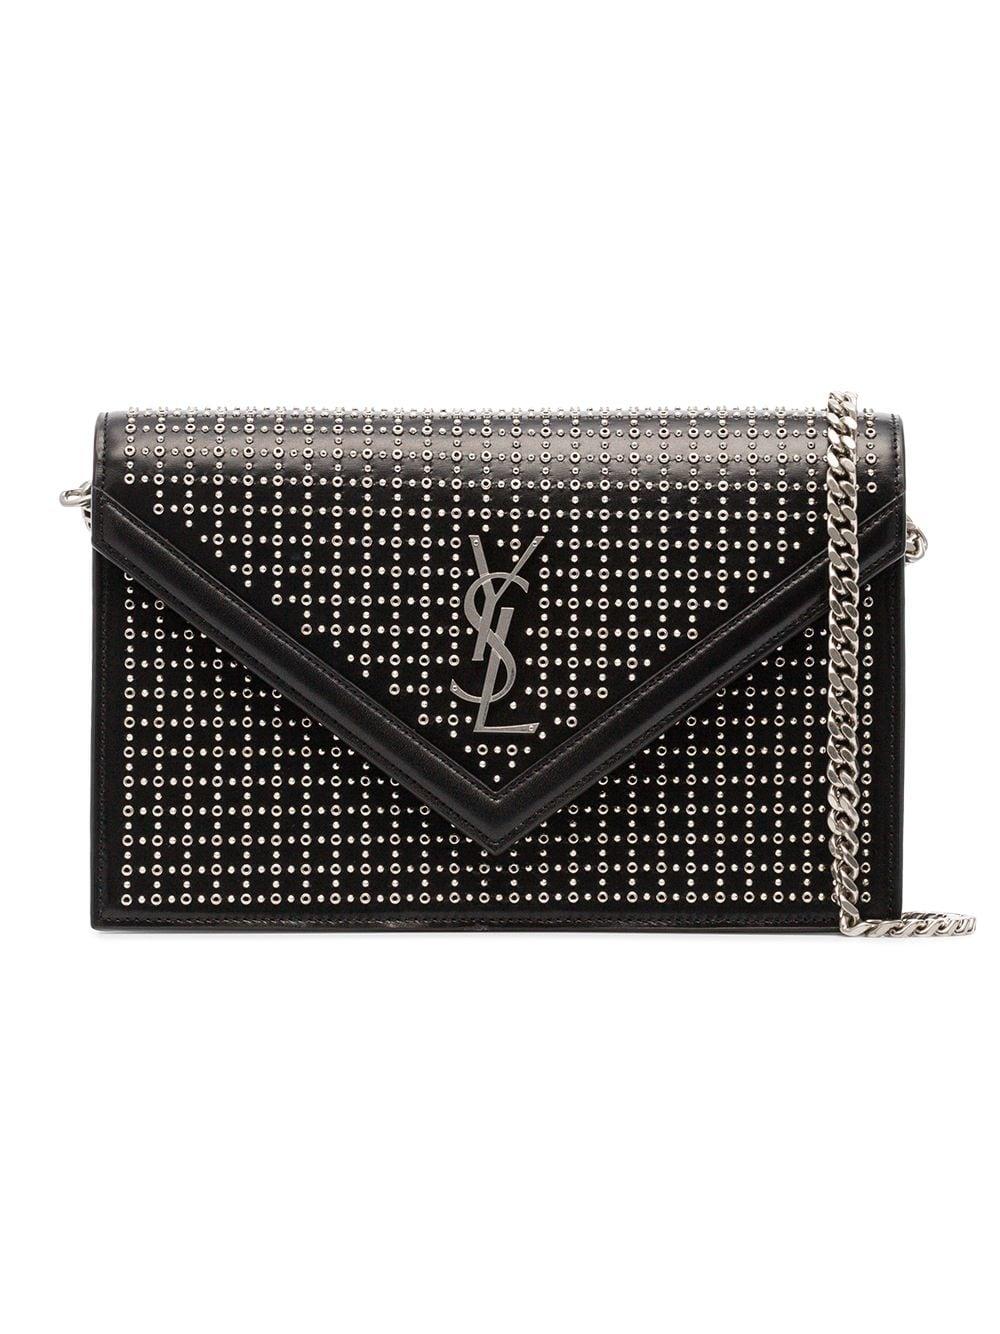 02feaf8628c Saint Laurent Black Leather Stud Le Sept Envelope Bag in 2019 ...